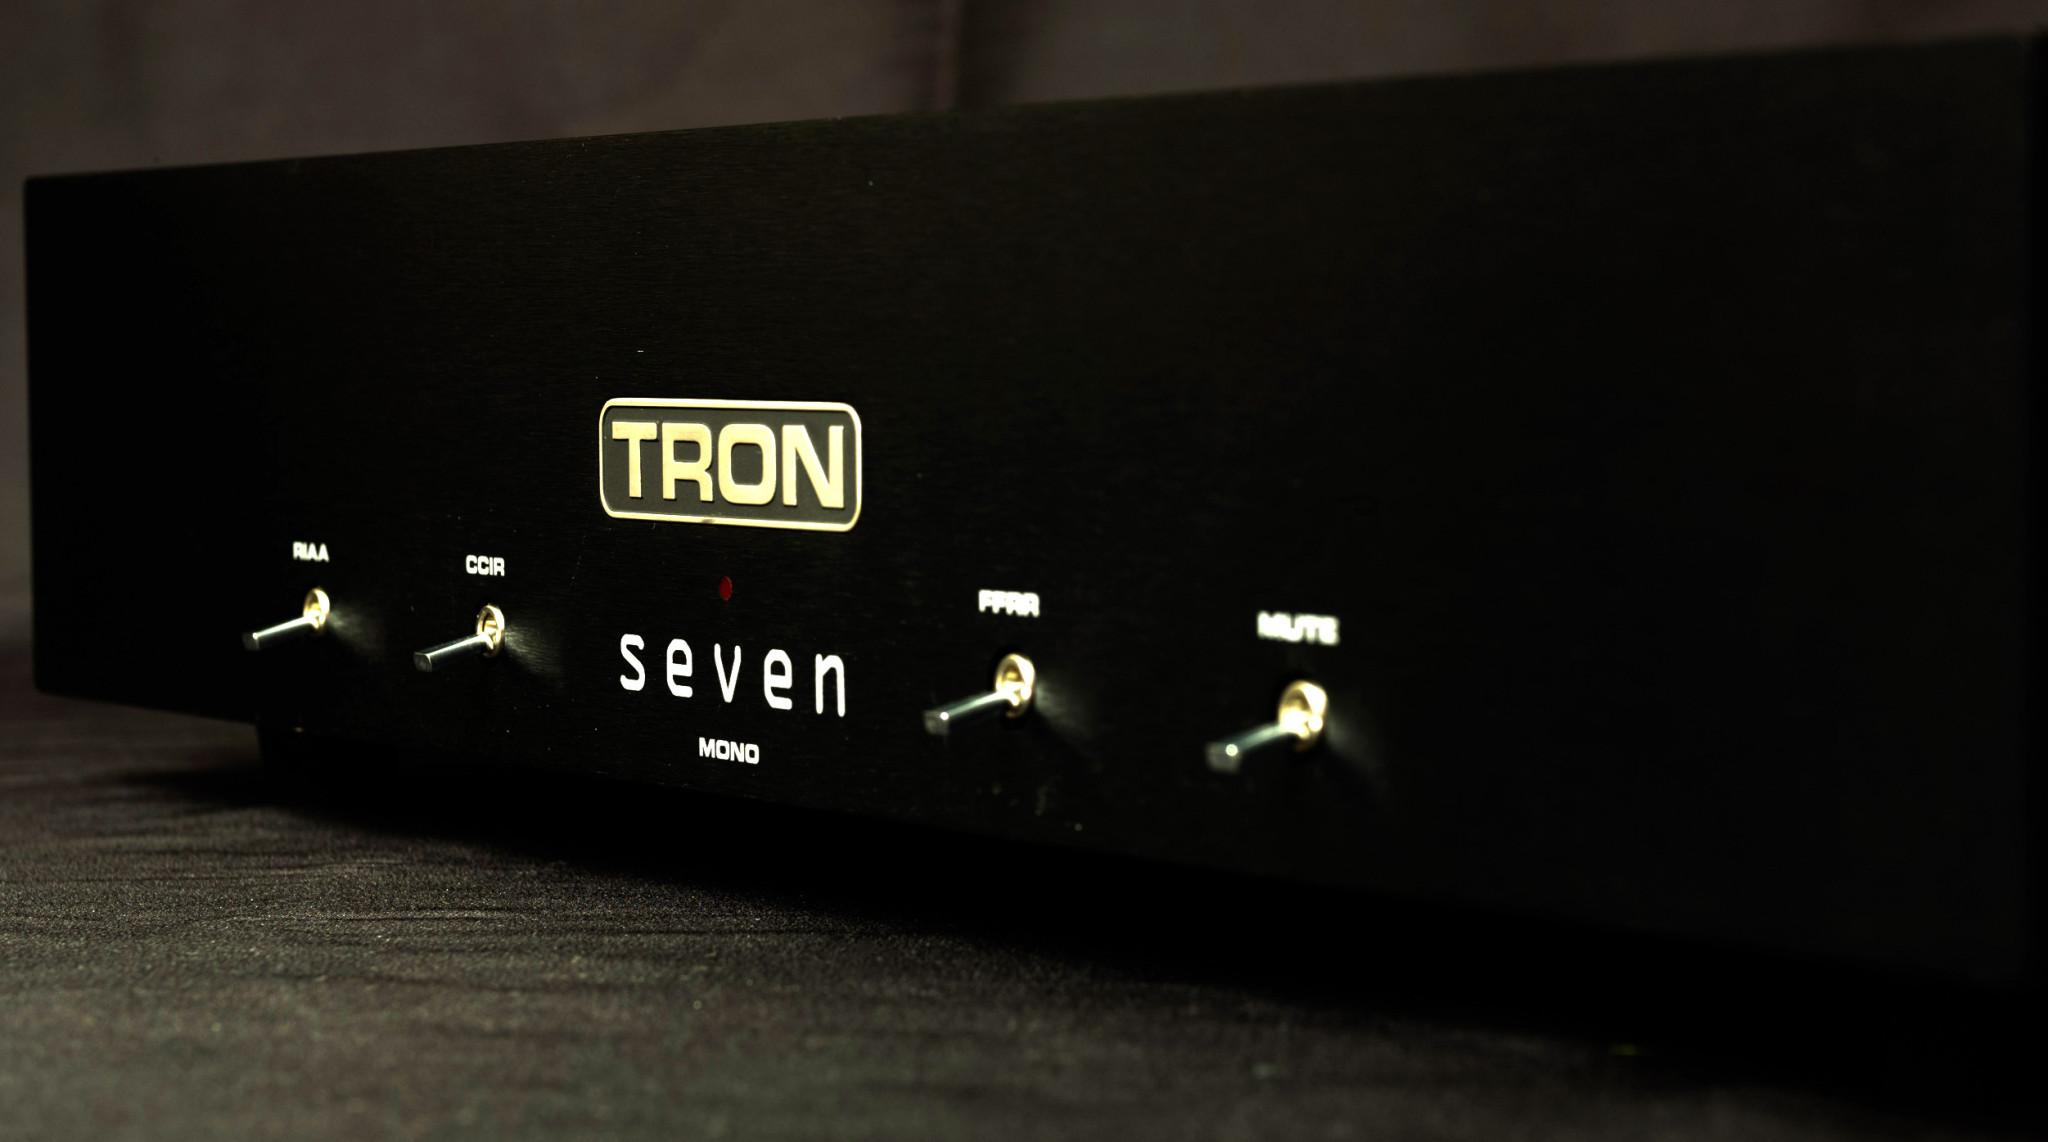 TRON Seven Phono Mono 5